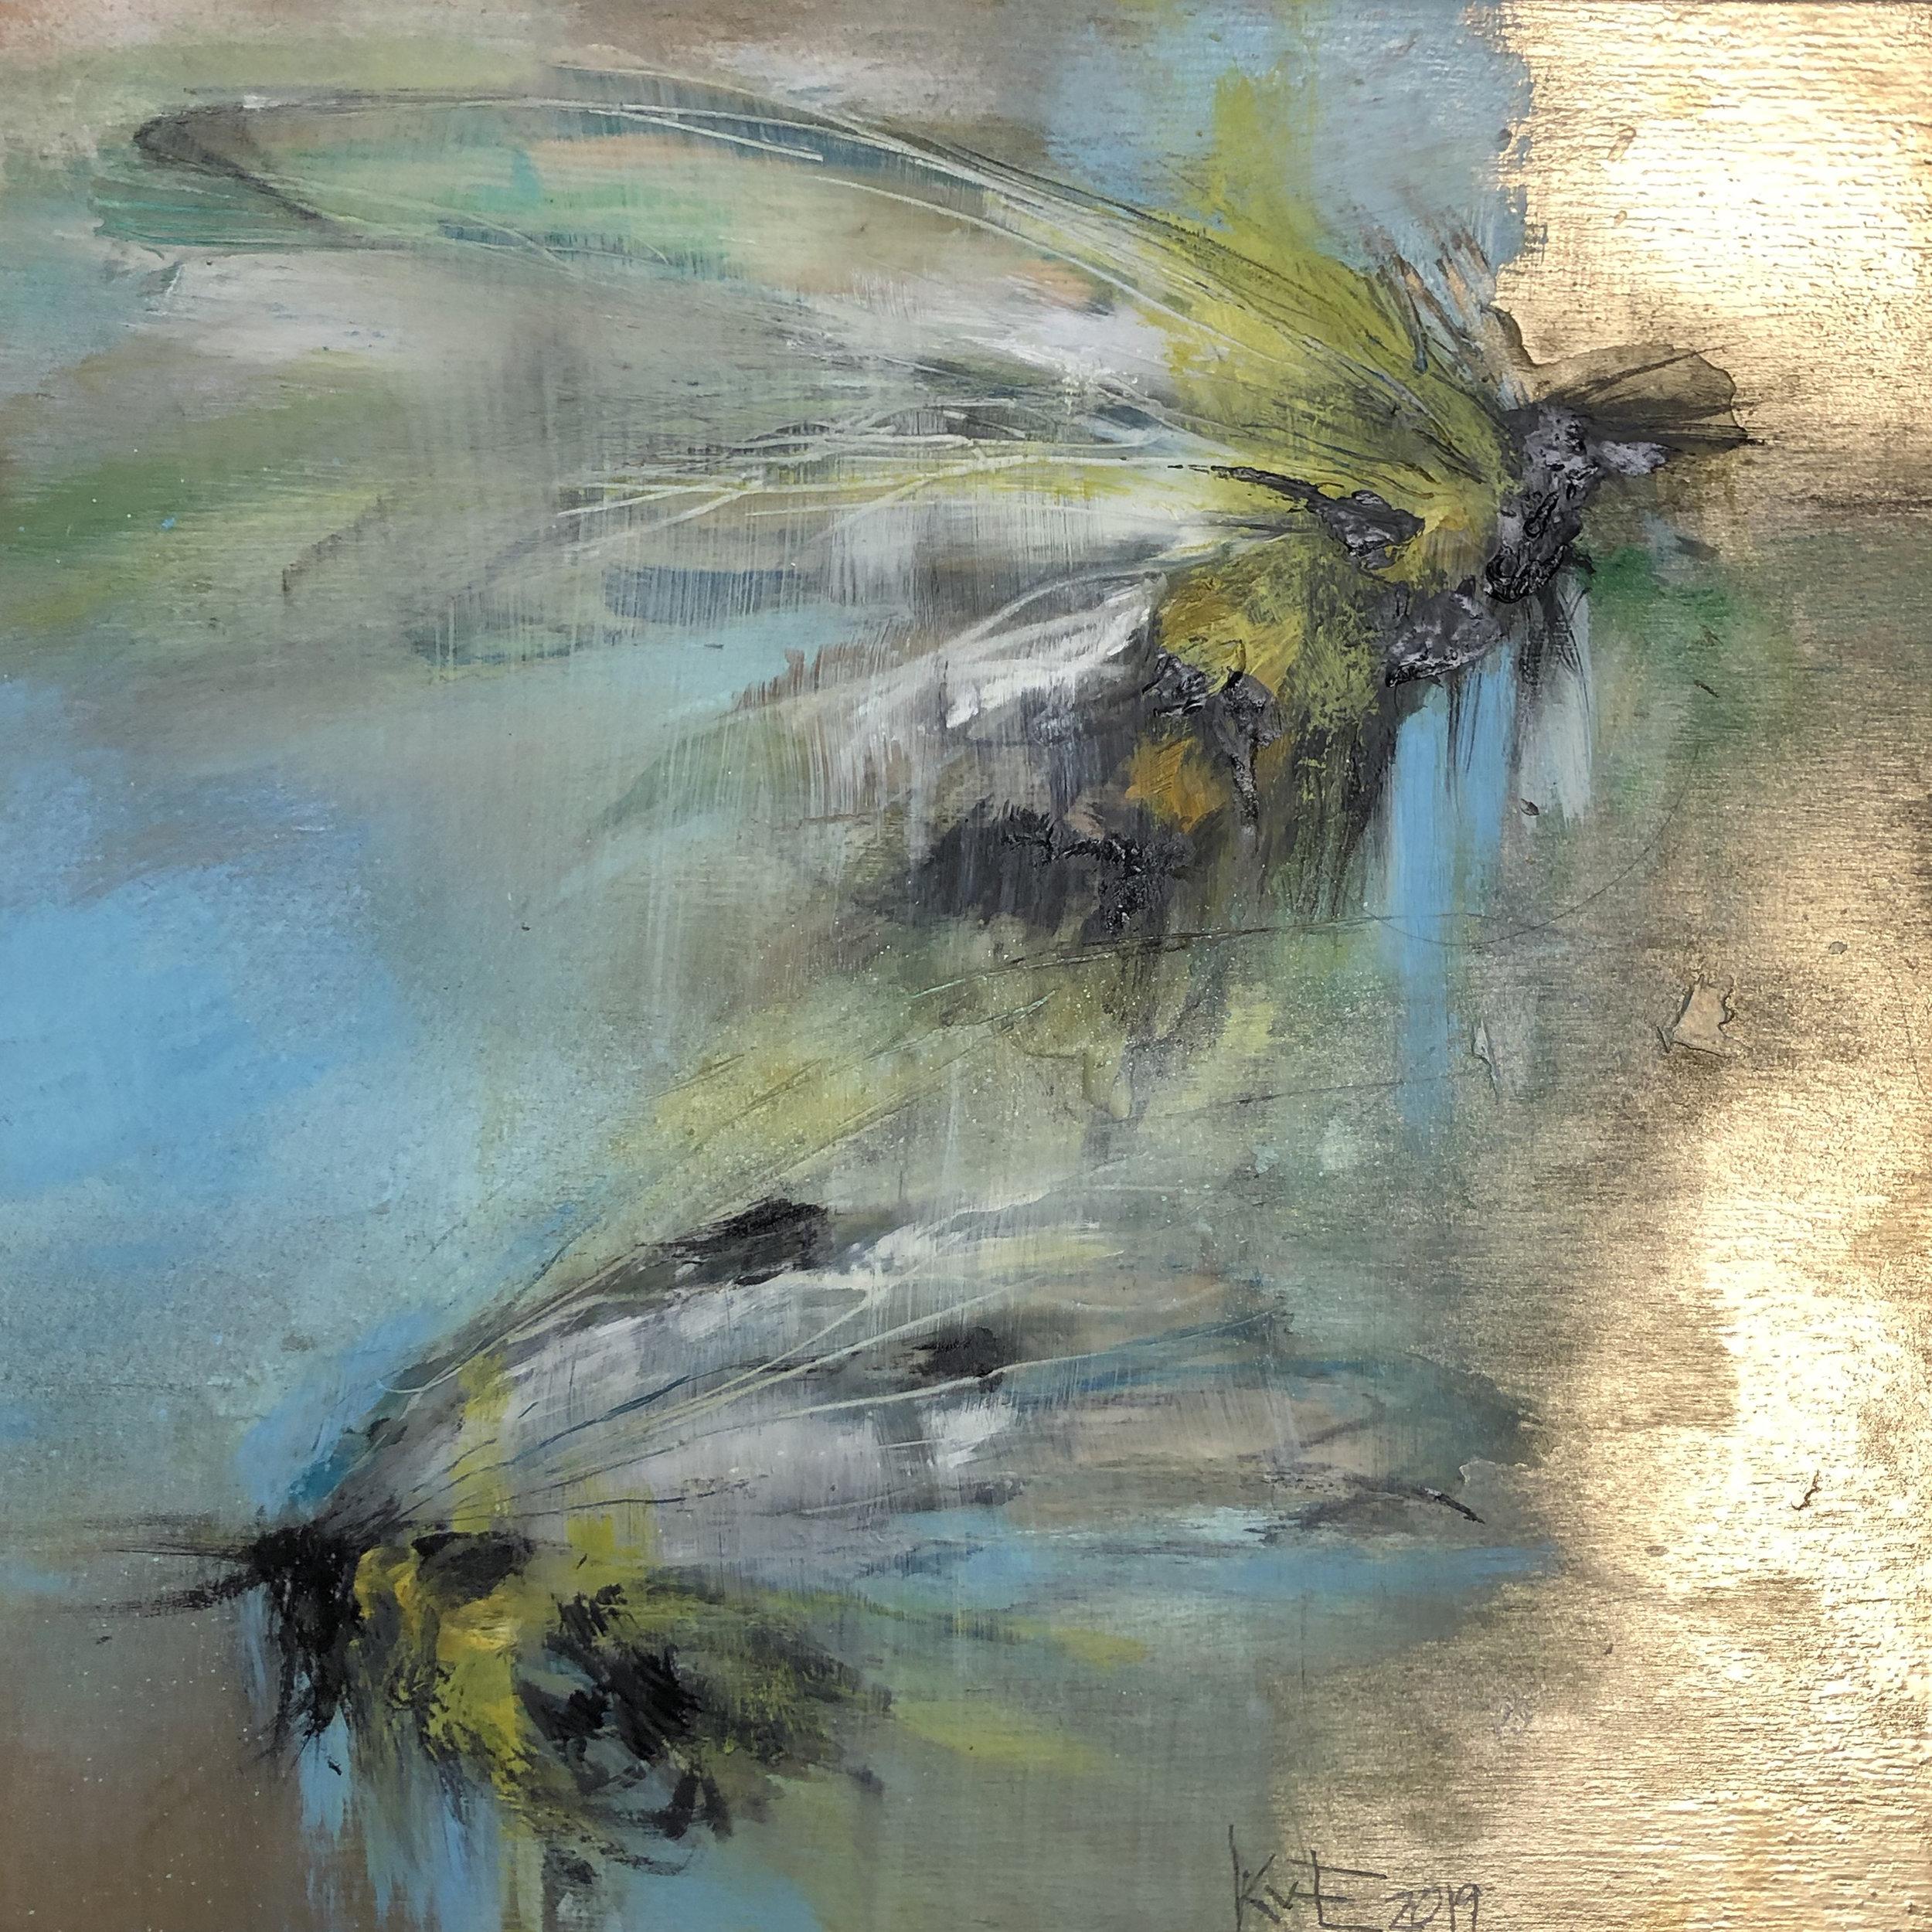 Brushing with Gold by Annette Kraft van Ermel